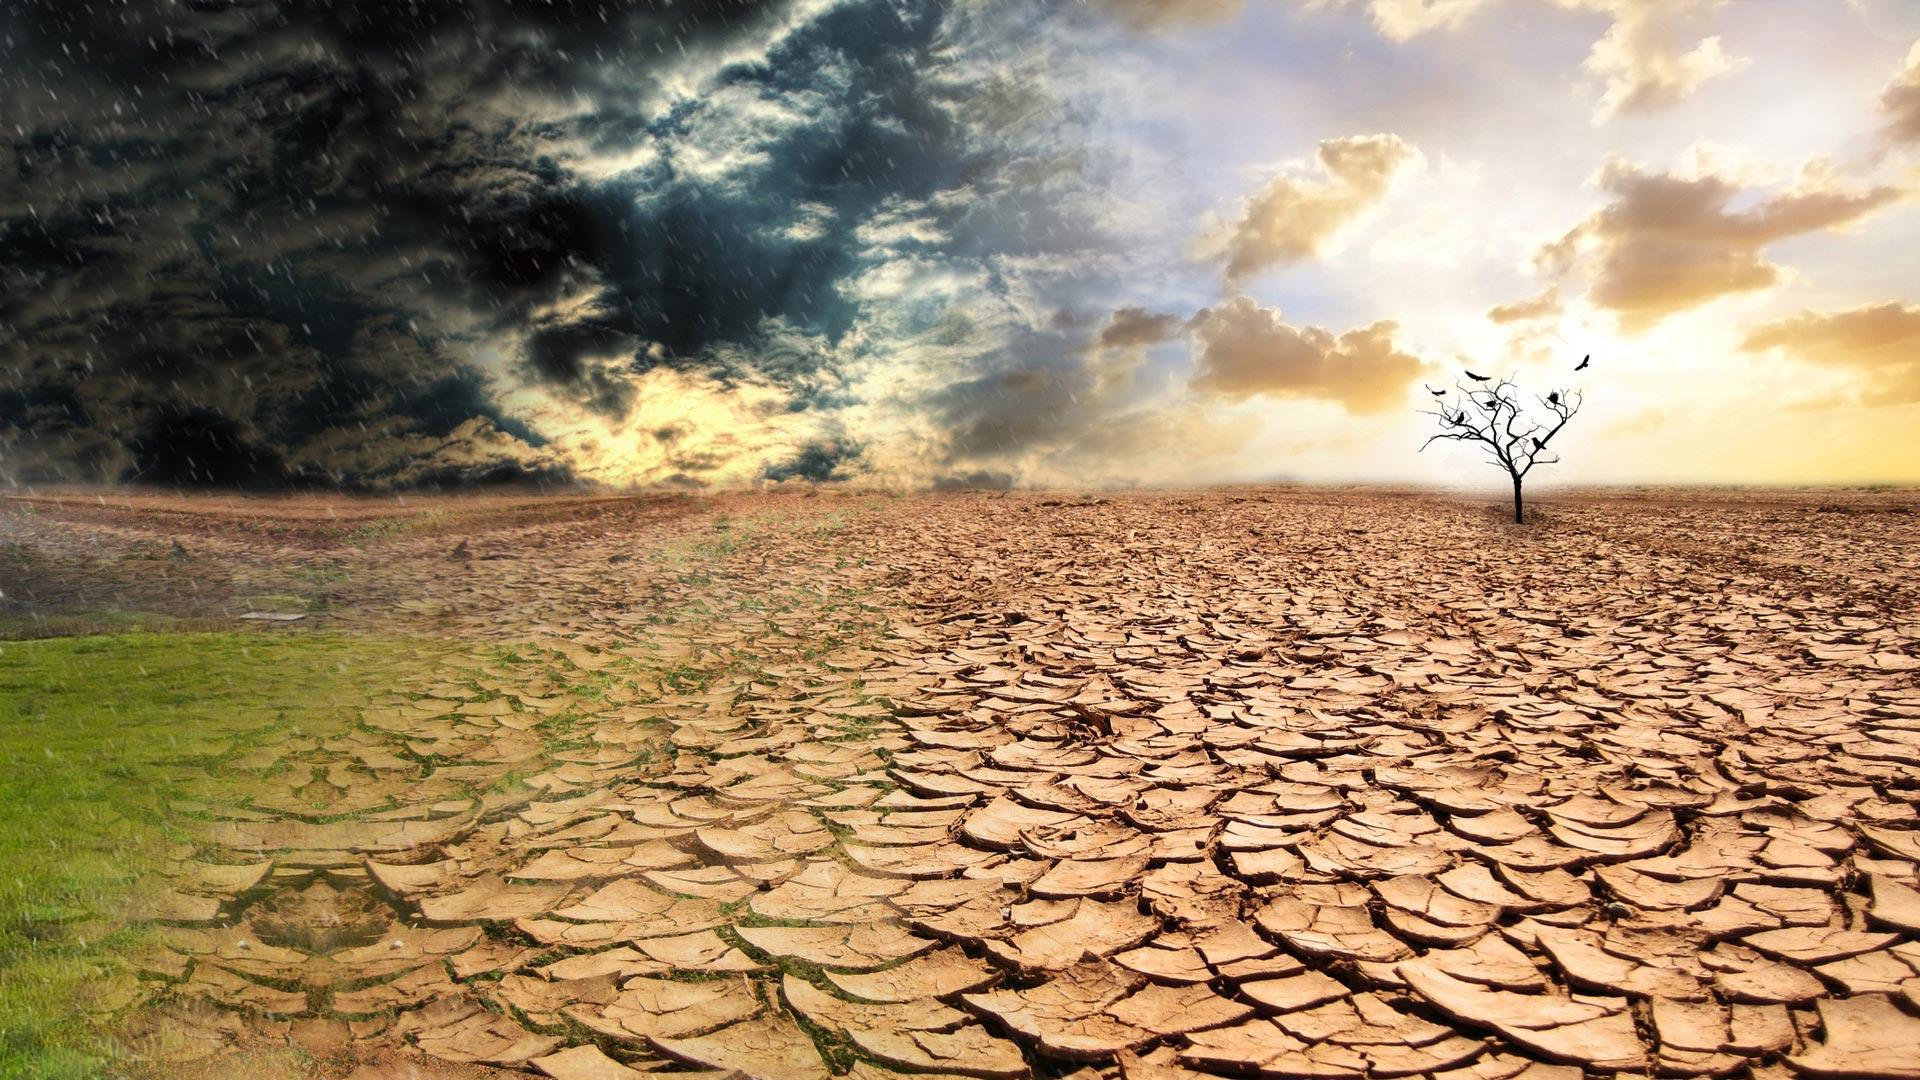 Следующие 5 лет будут рекордно жаркими, предупреждают учёные